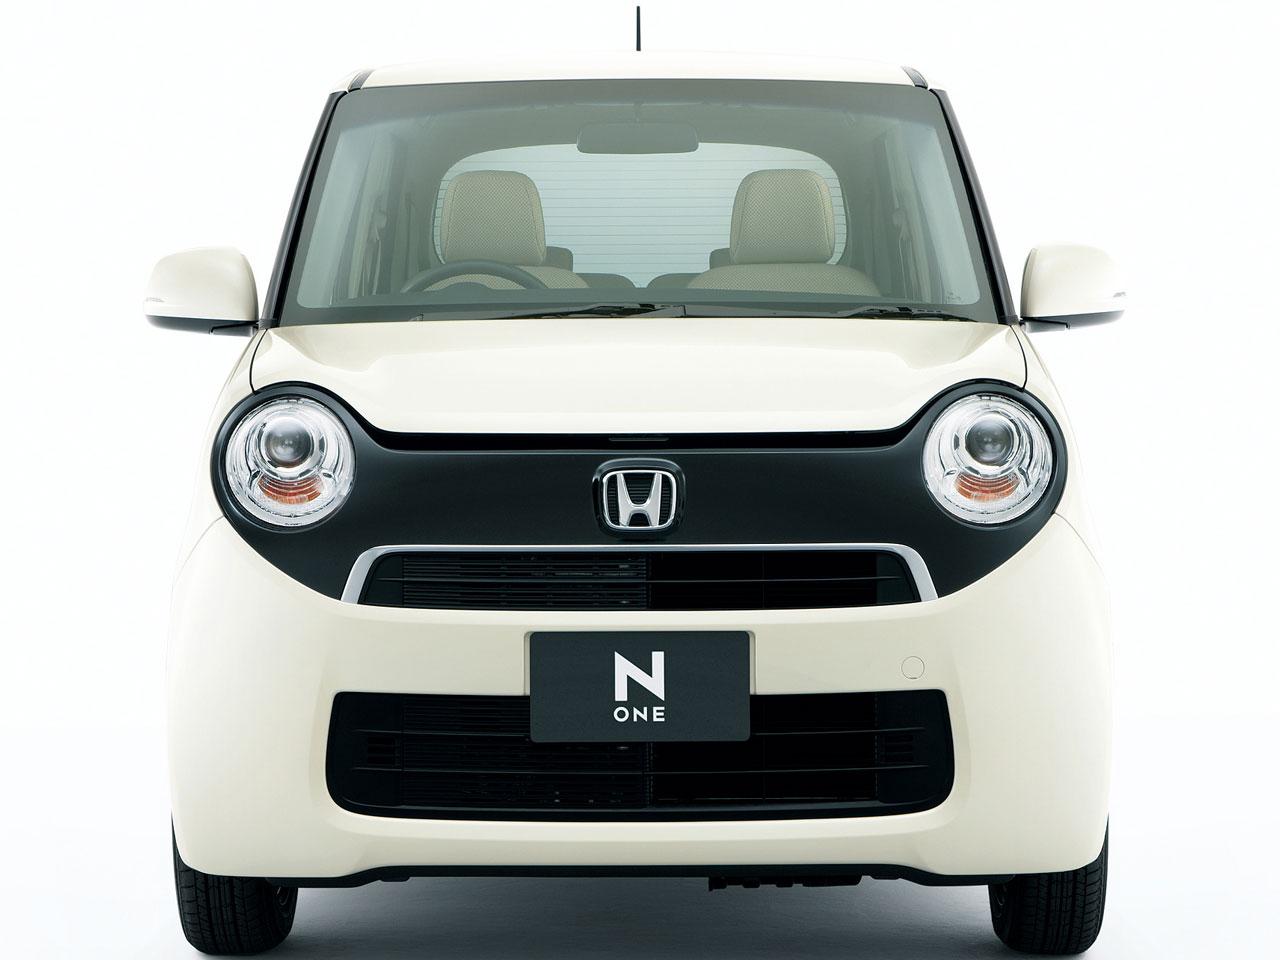 『エクステリア プレミアムホワイト・パール1』 N-ONE 2012年モデル の製品画像